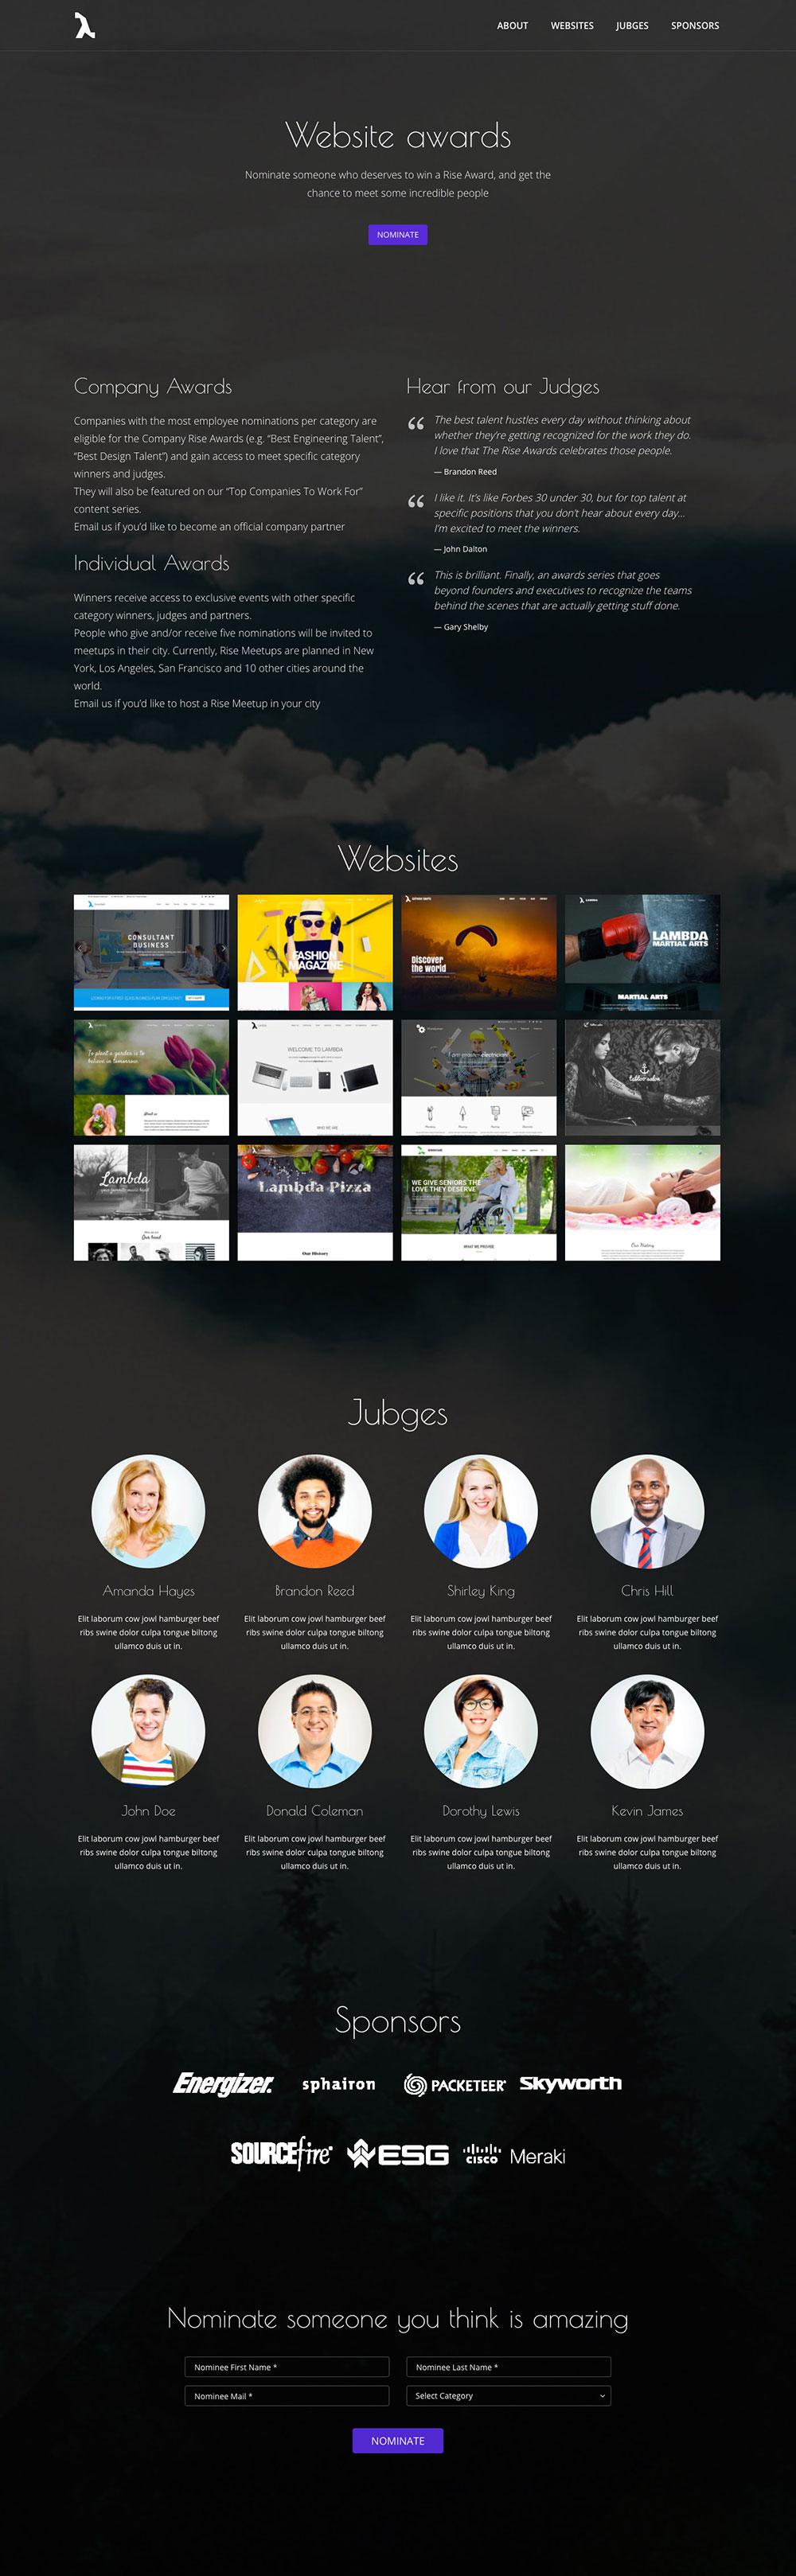 Website Awards for WordPress